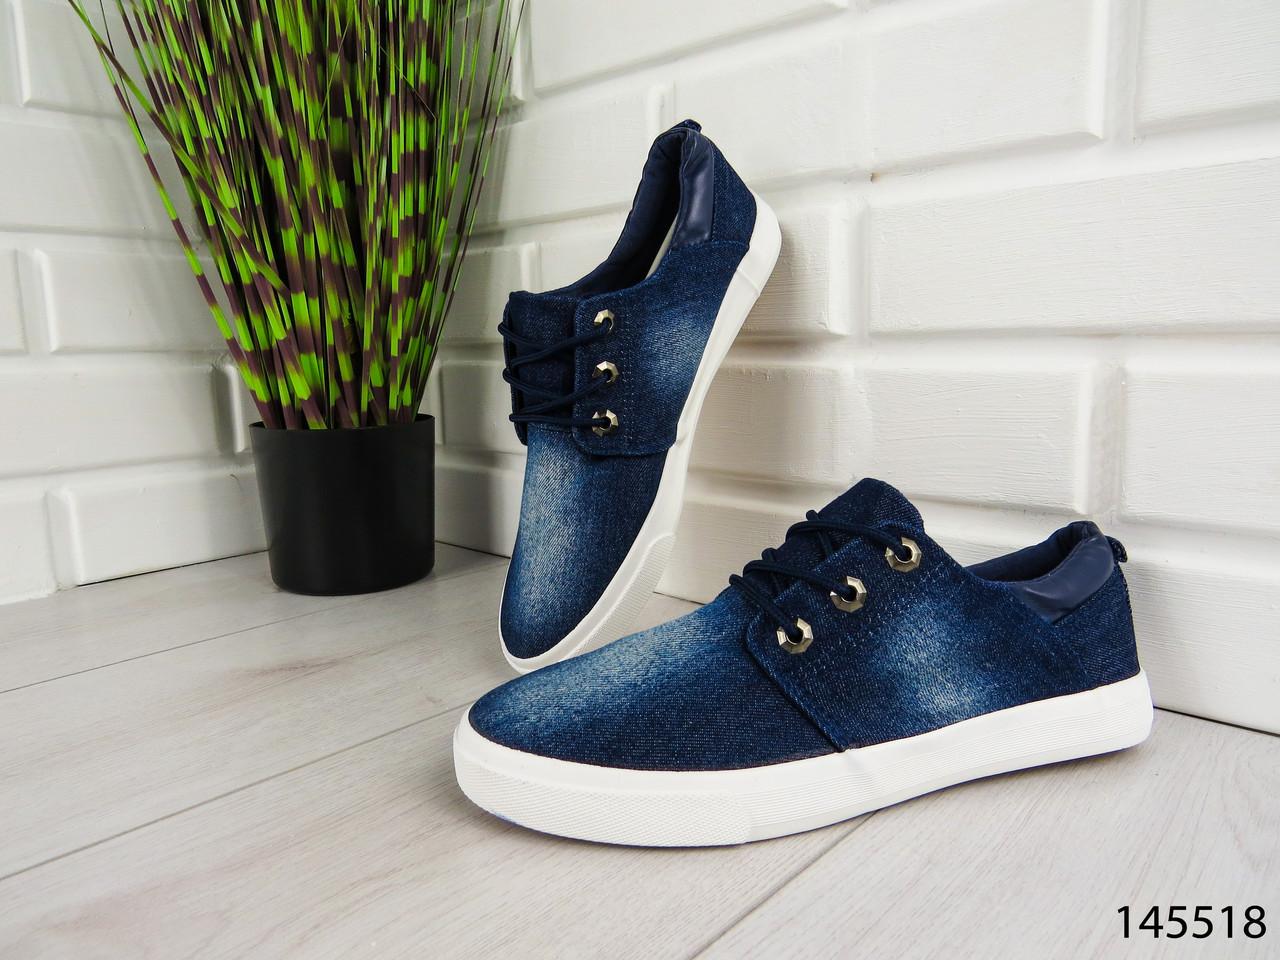 ed7f9cab8 Кеды, кроссовки, мокасины темно-синие